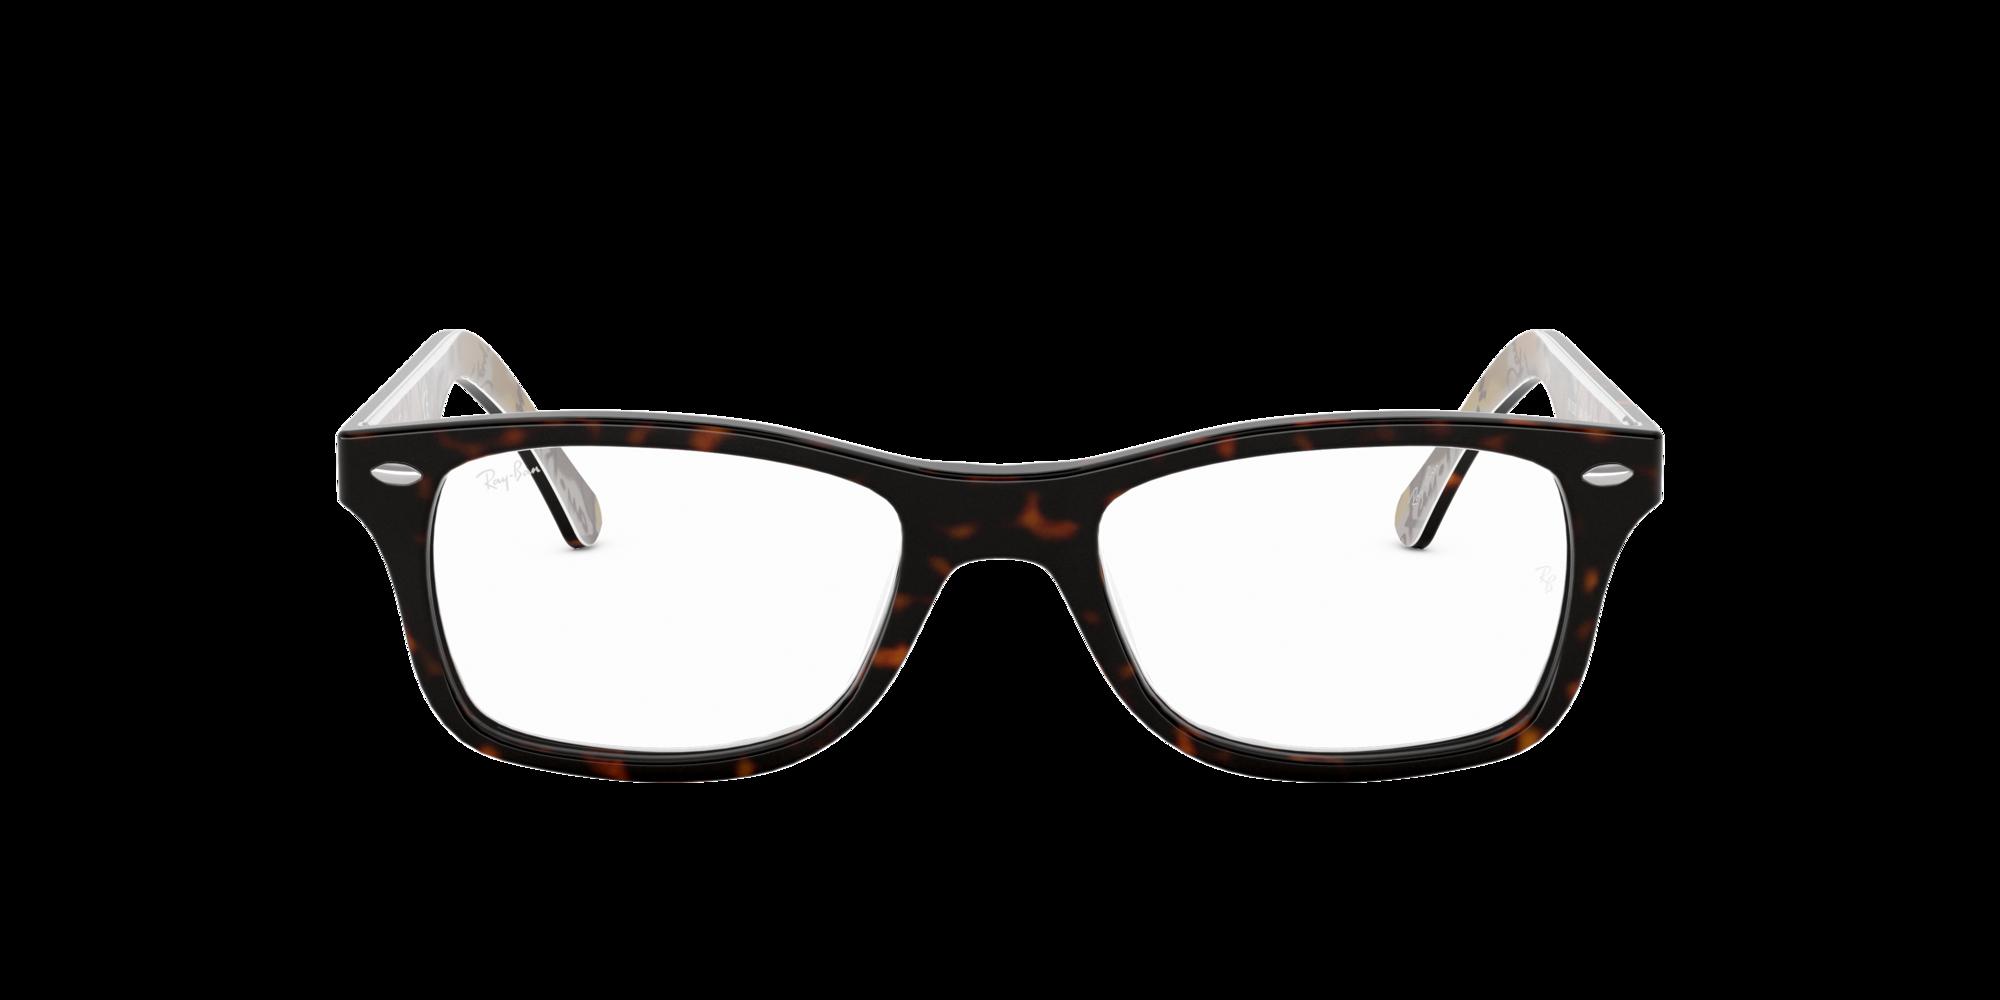 Imagen para RX5228 de LensCrafters    Espejuelos, espejuelos graduados en línea, gafas